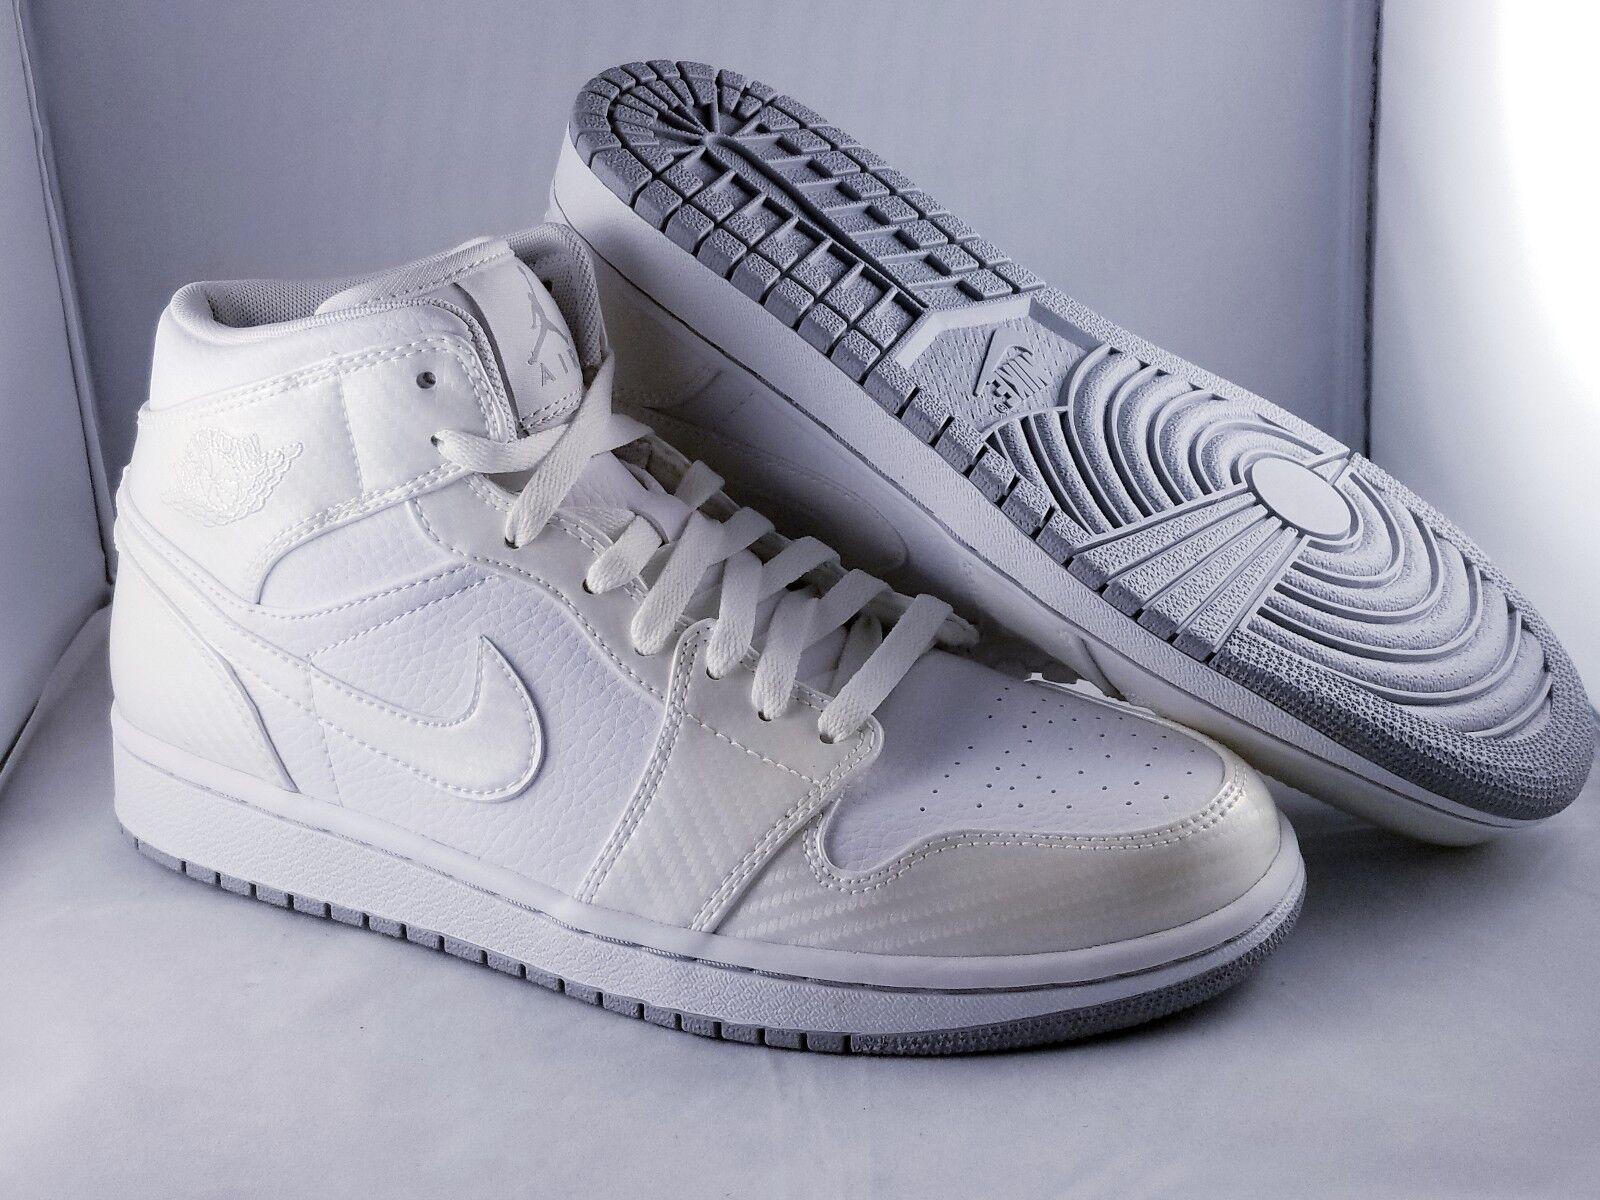 Nike air jordan phat 1 retro